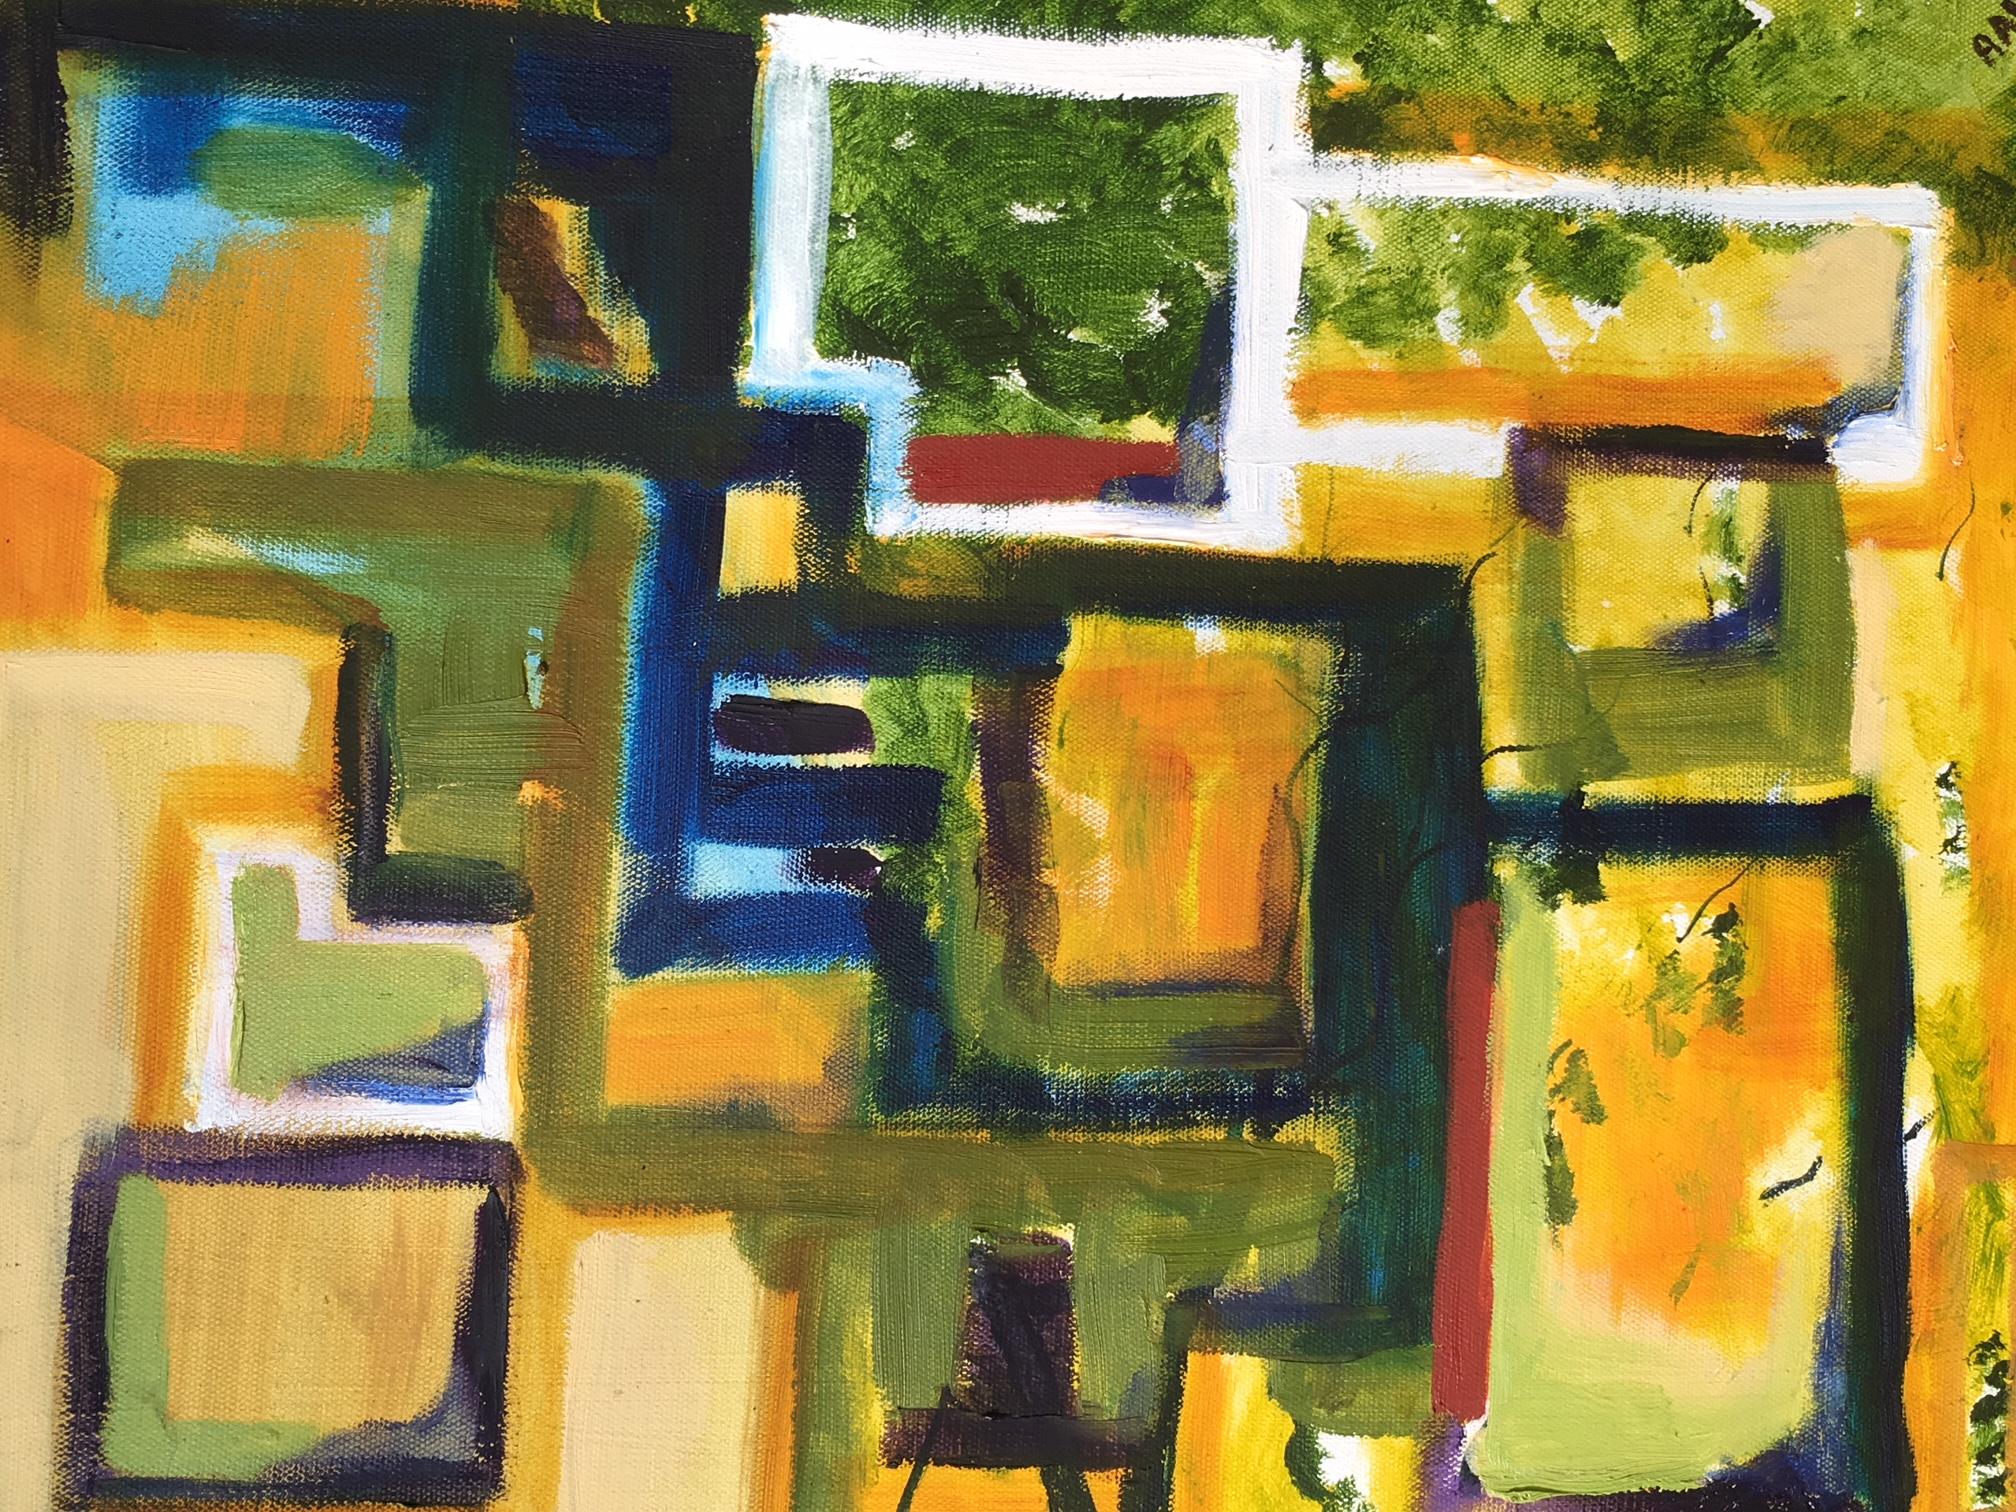 AAA Abstract #8